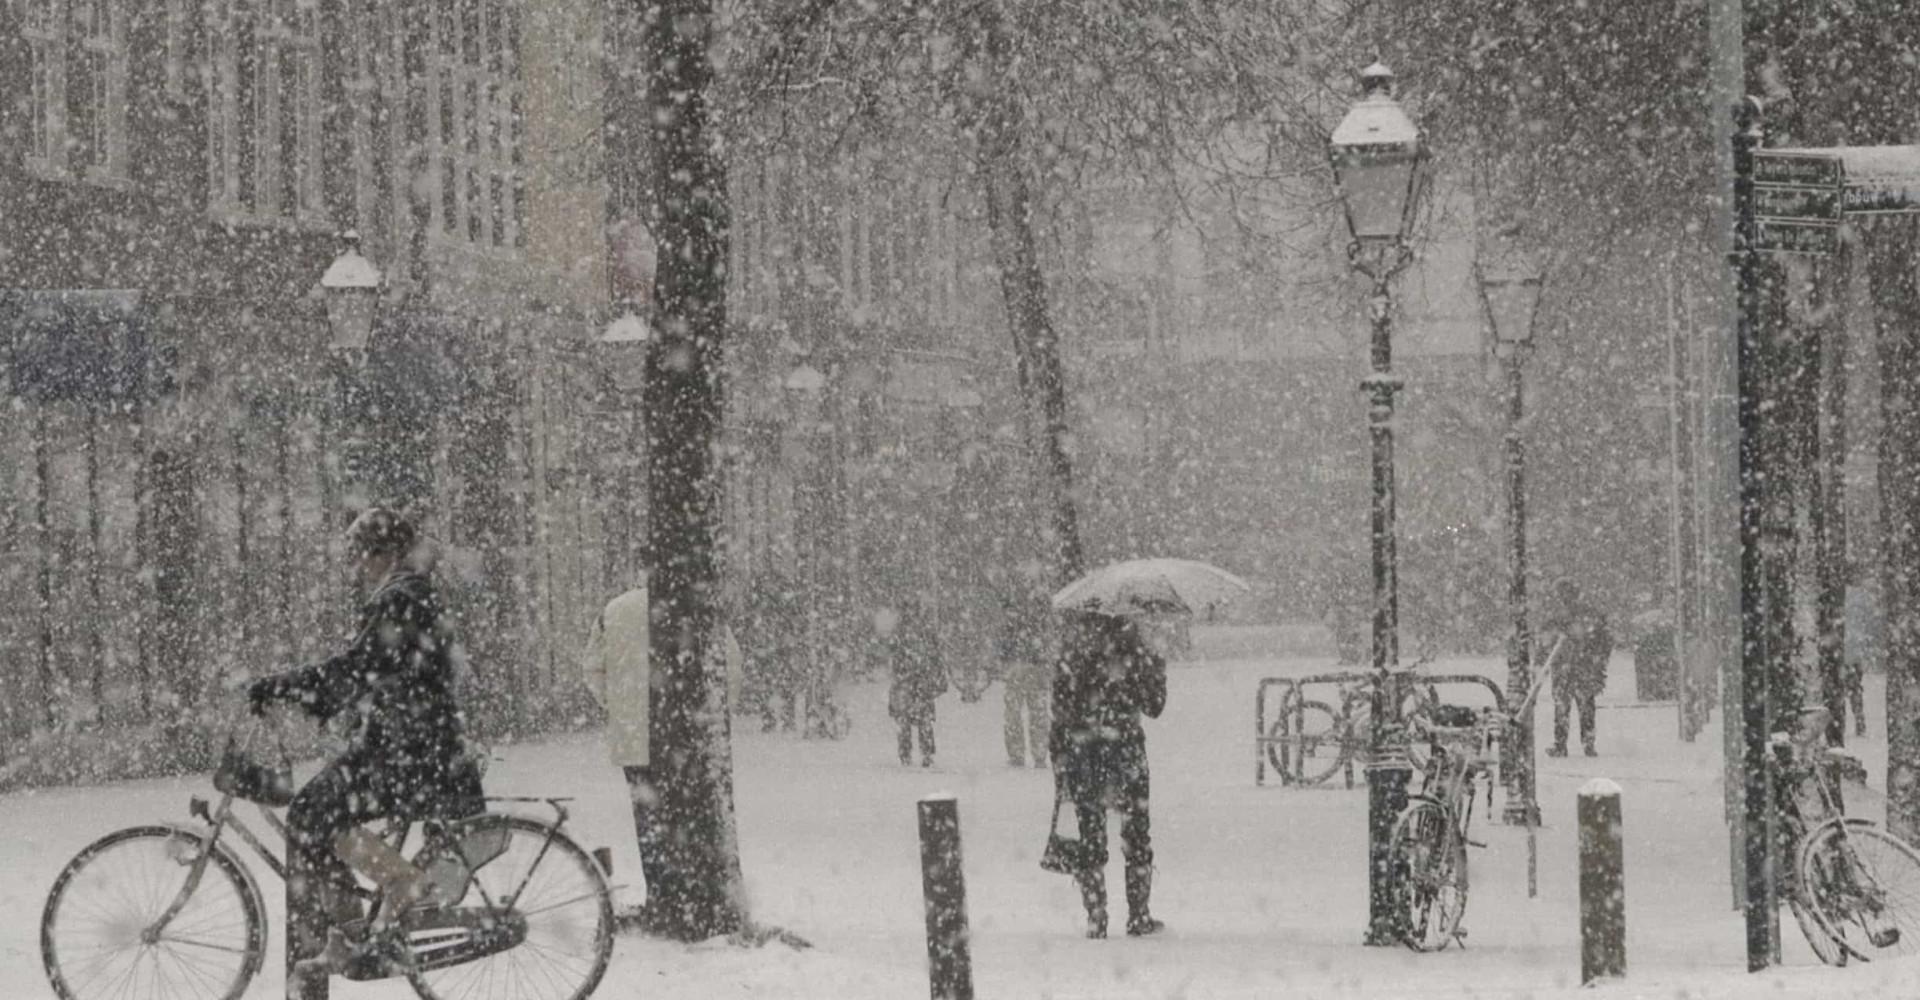 Staat ons de koudste winter in 100 jaar te wachten?